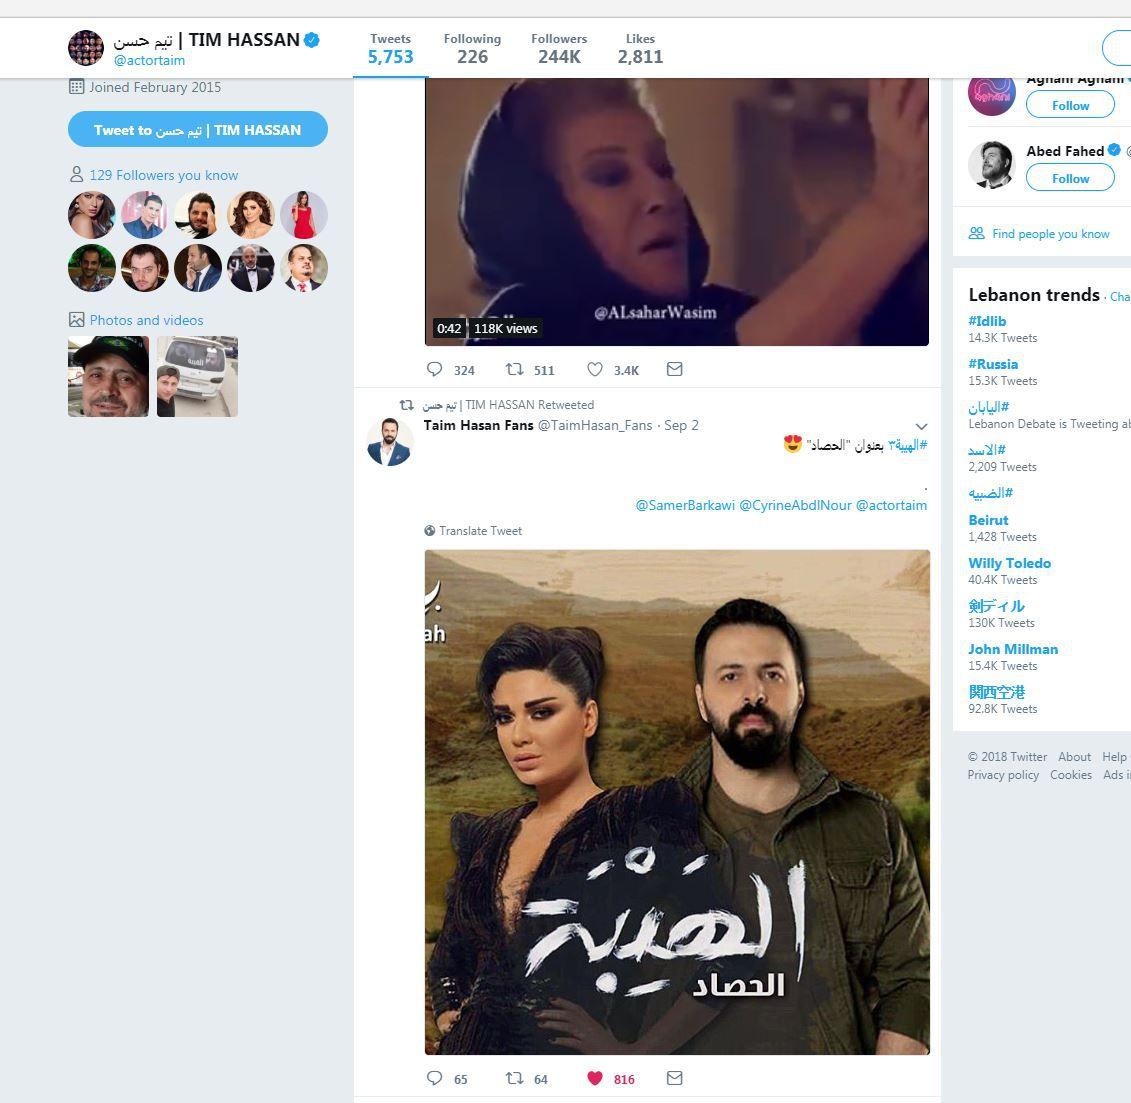 أفيش الهيبة 3 كما نشره تيم حسن